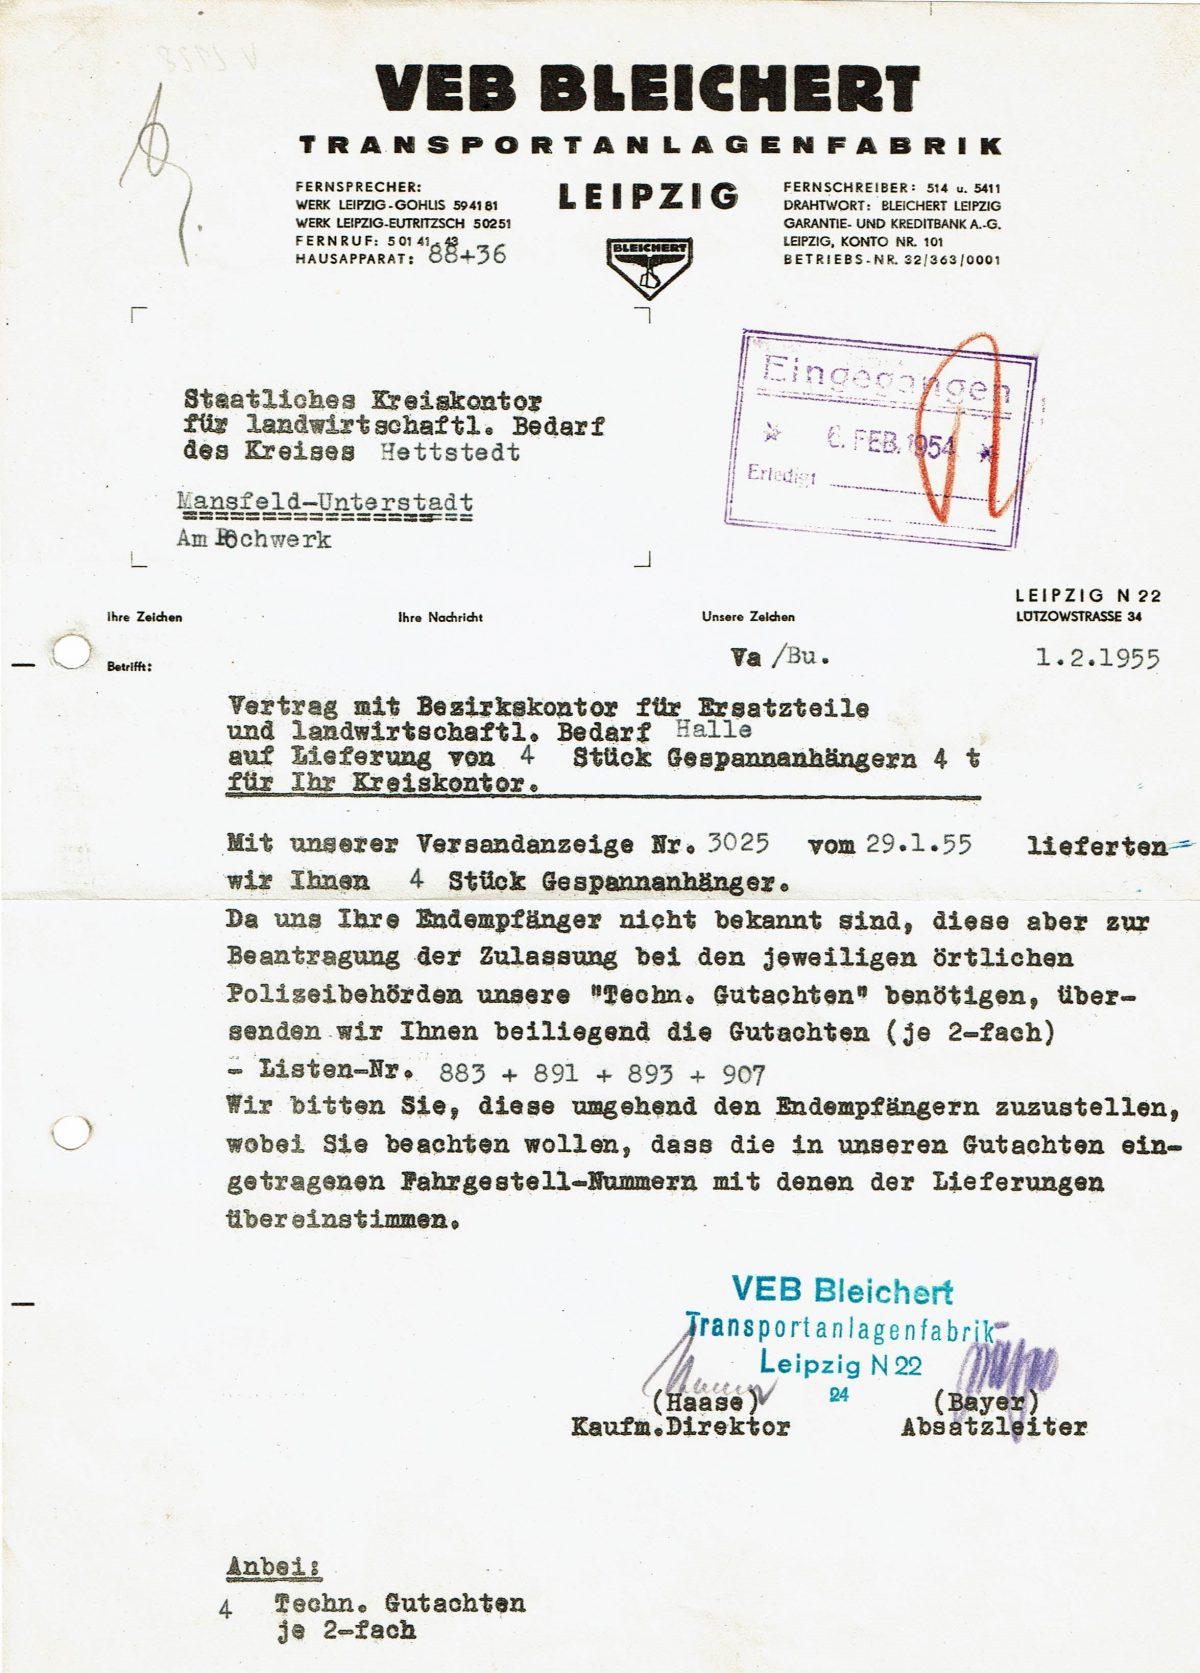 1955 VEB Bleichert letter